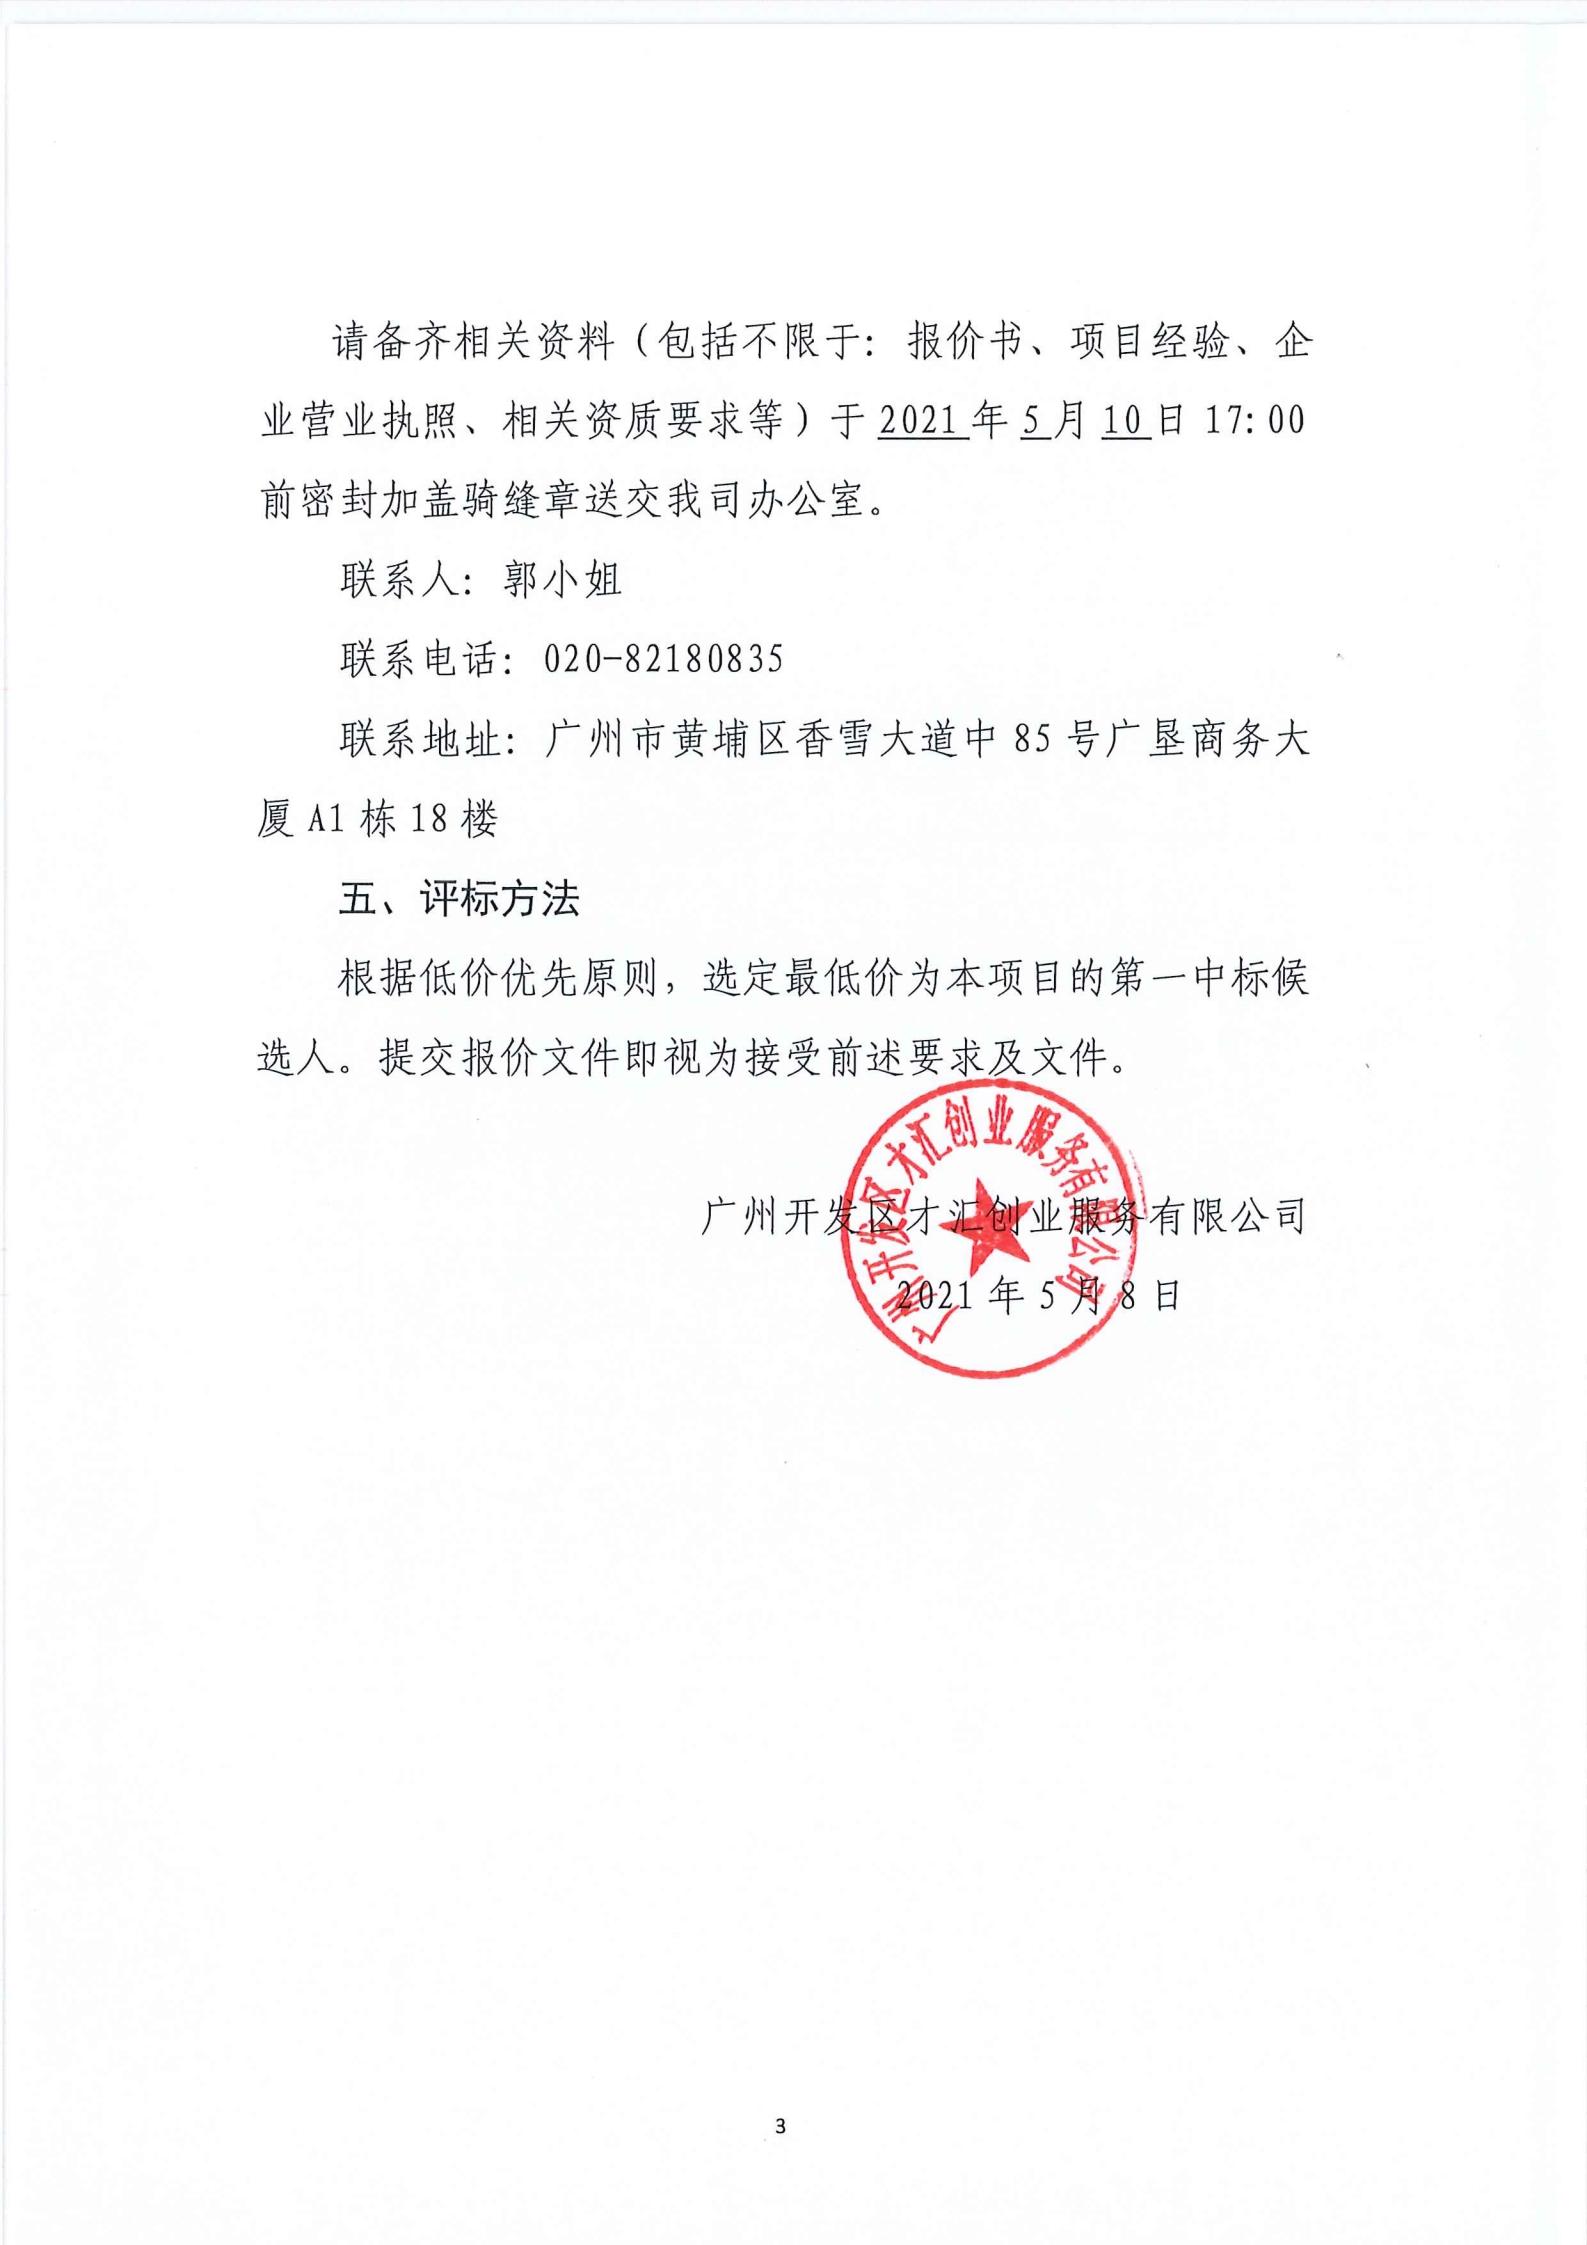 3.关于采购辅助建设公共服务项目询价函_02.png